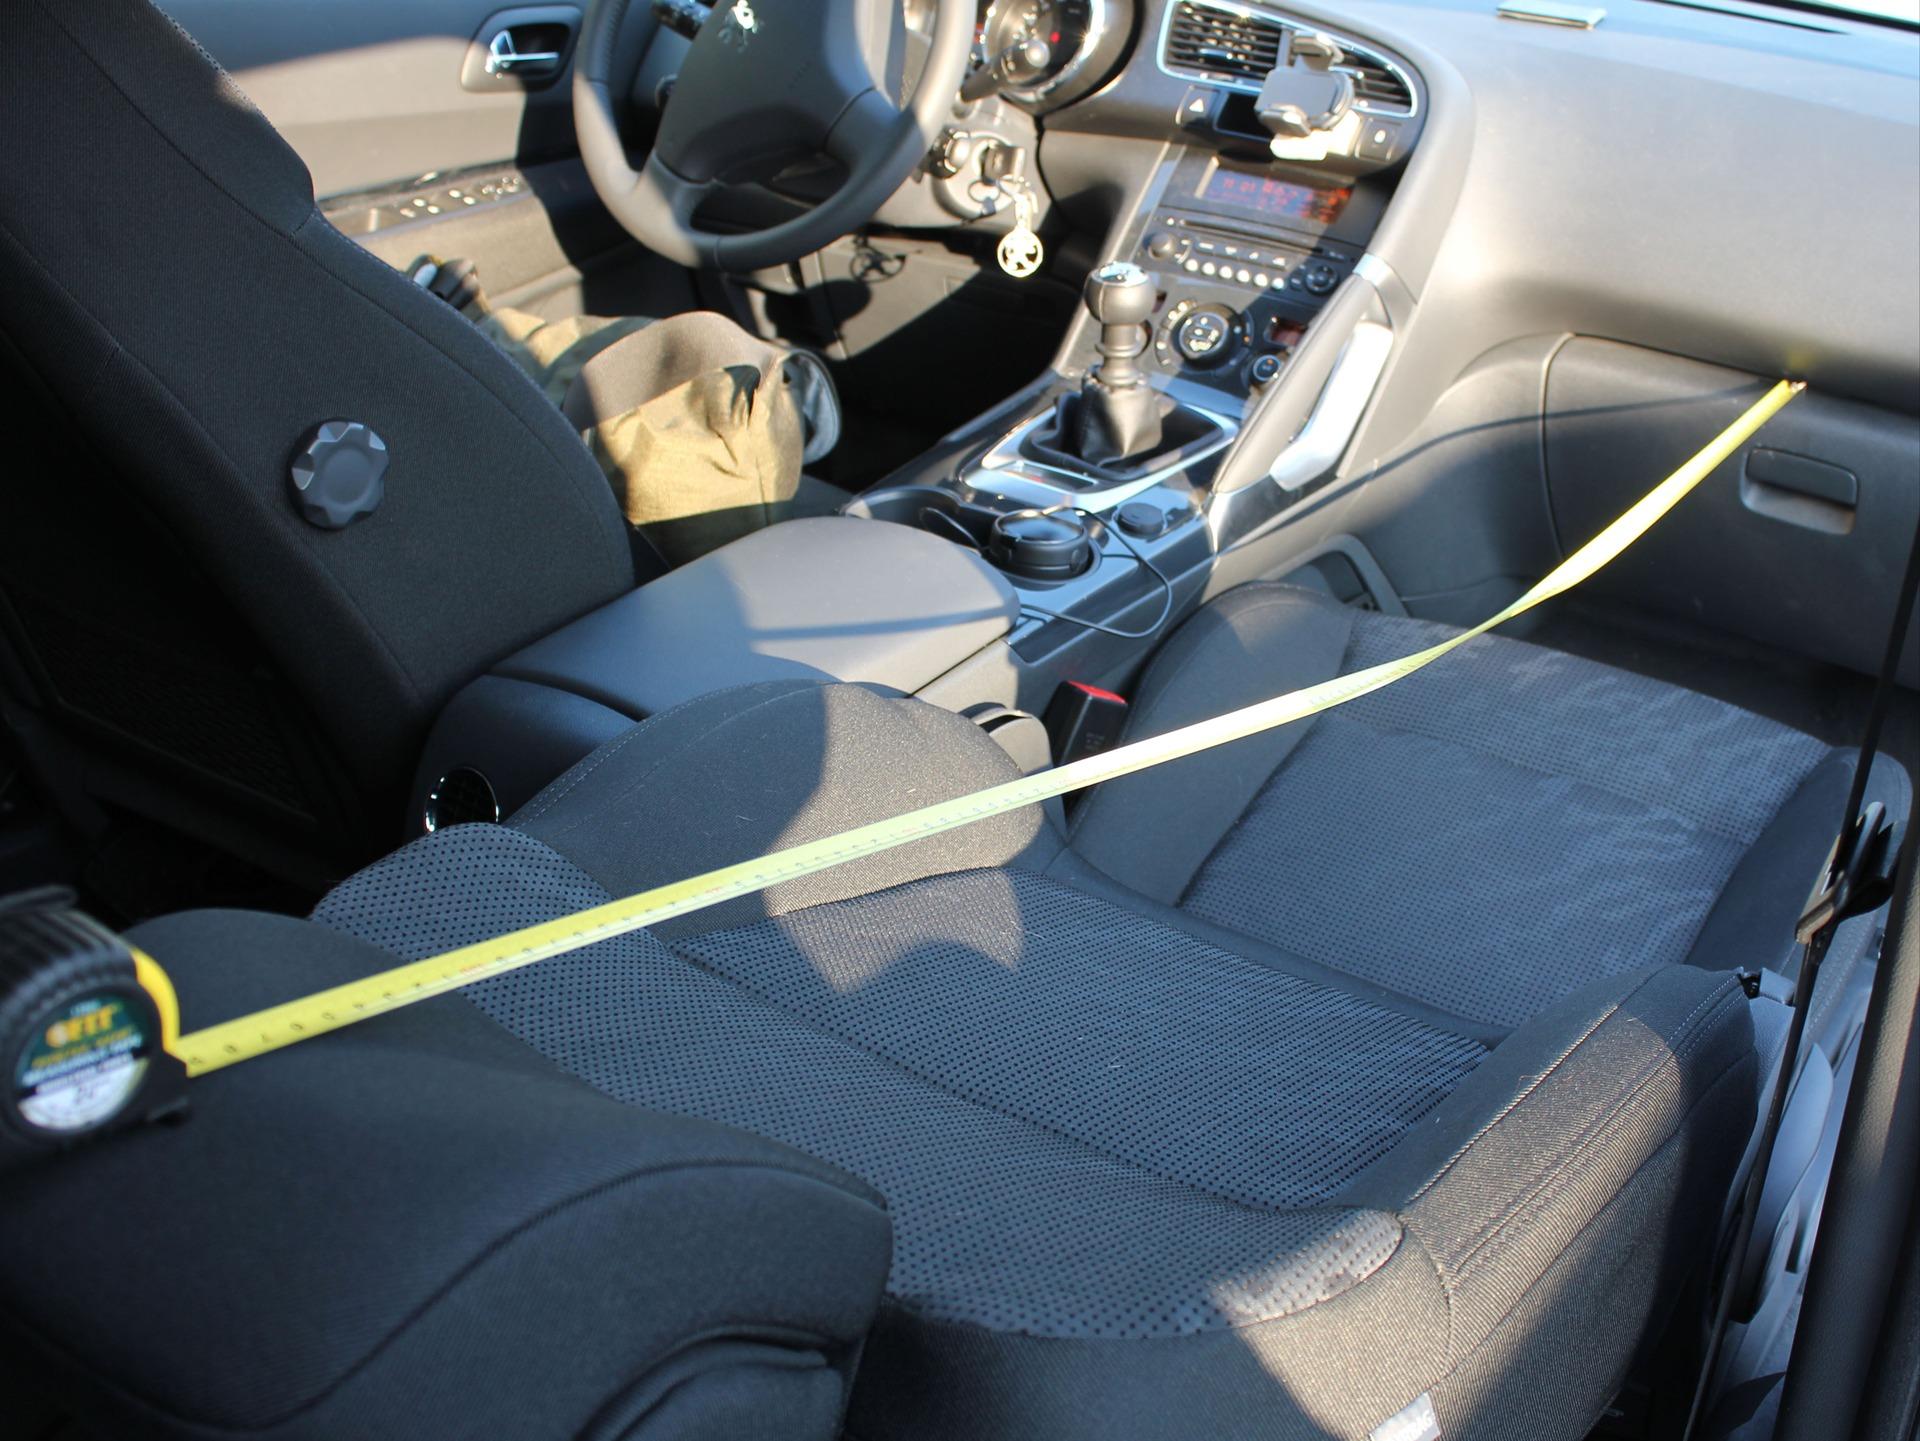 секс фото в машине на переднем сидении в троем